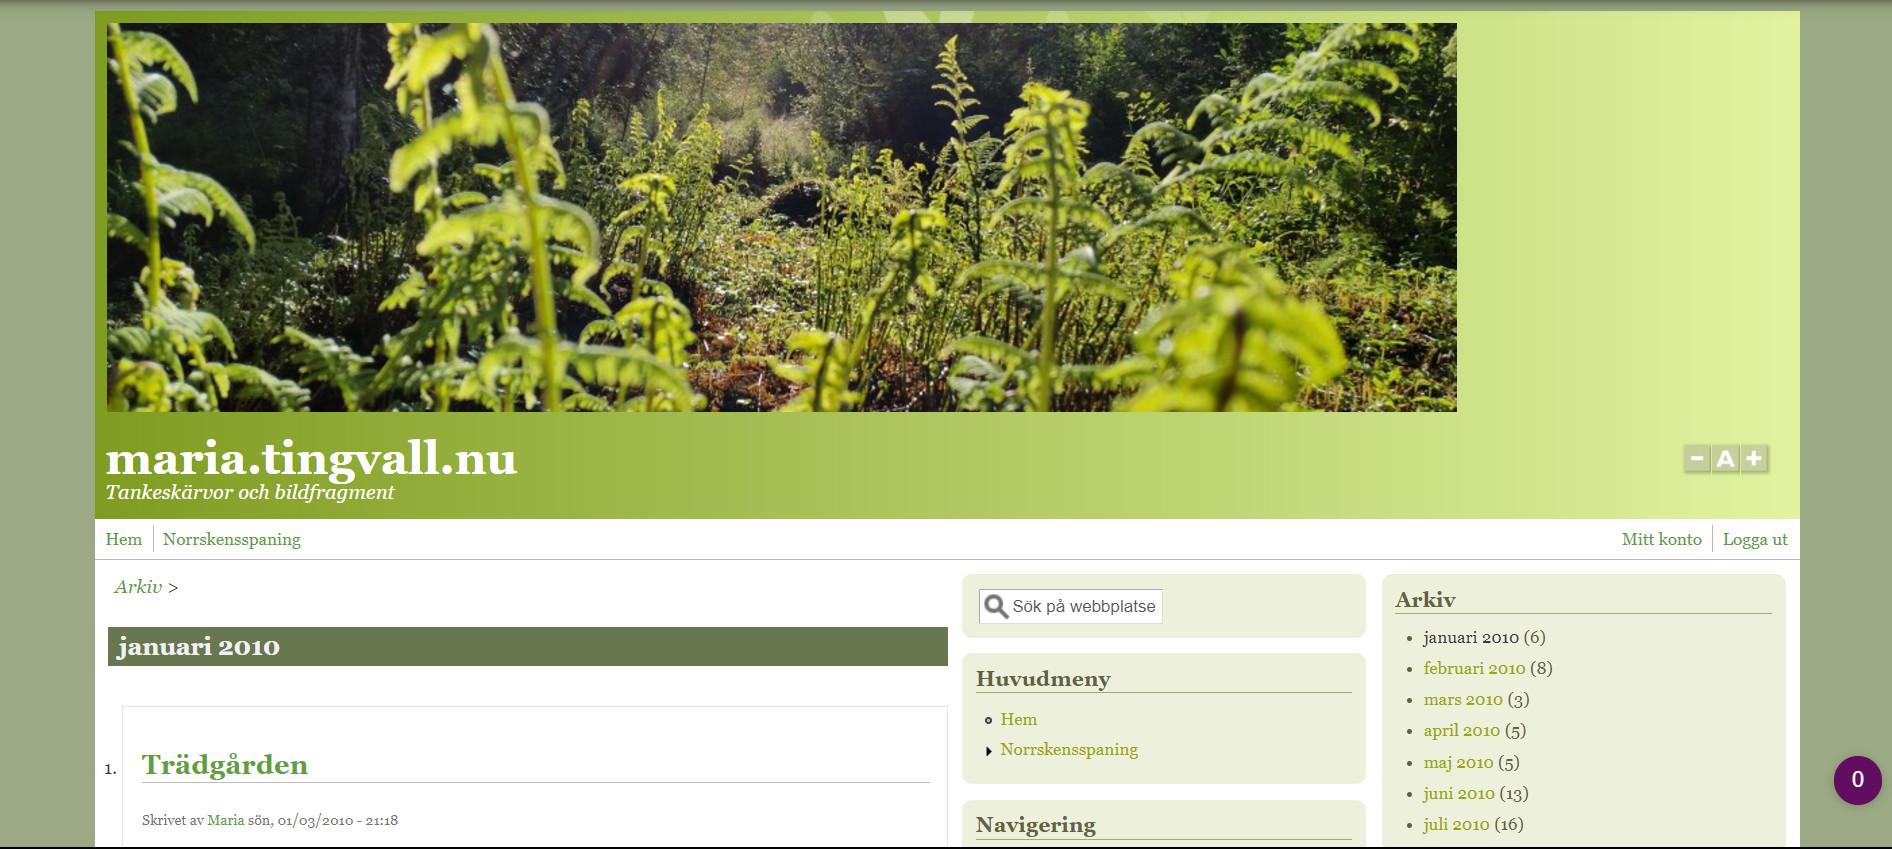 Drupal-versionen av min hemsida.